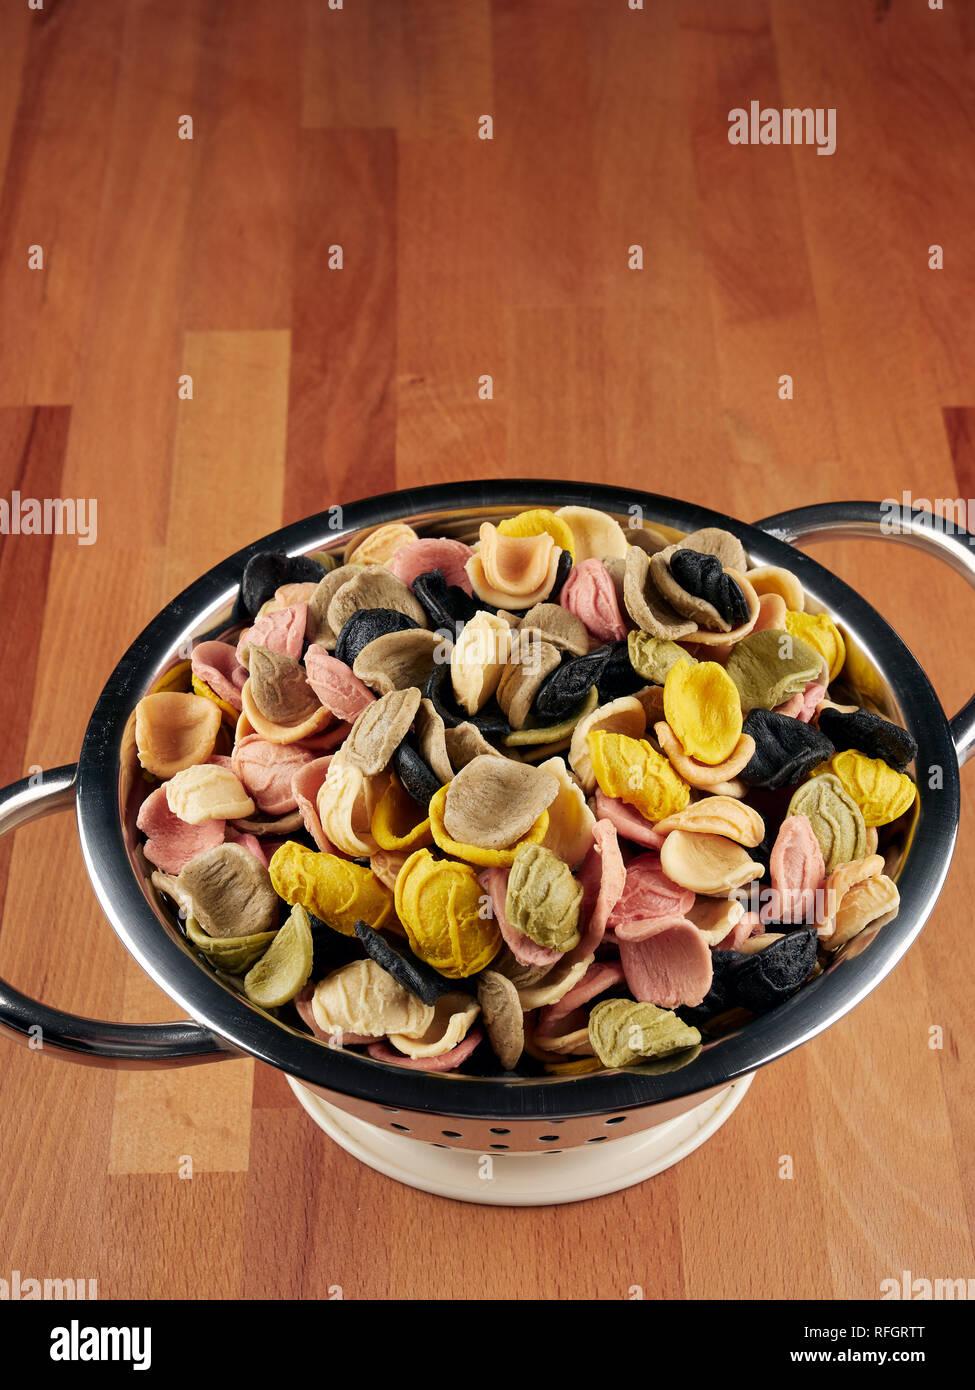 Bunte ungekocht orecchiette Pasta in einem kleinen Sieb Stockfoto